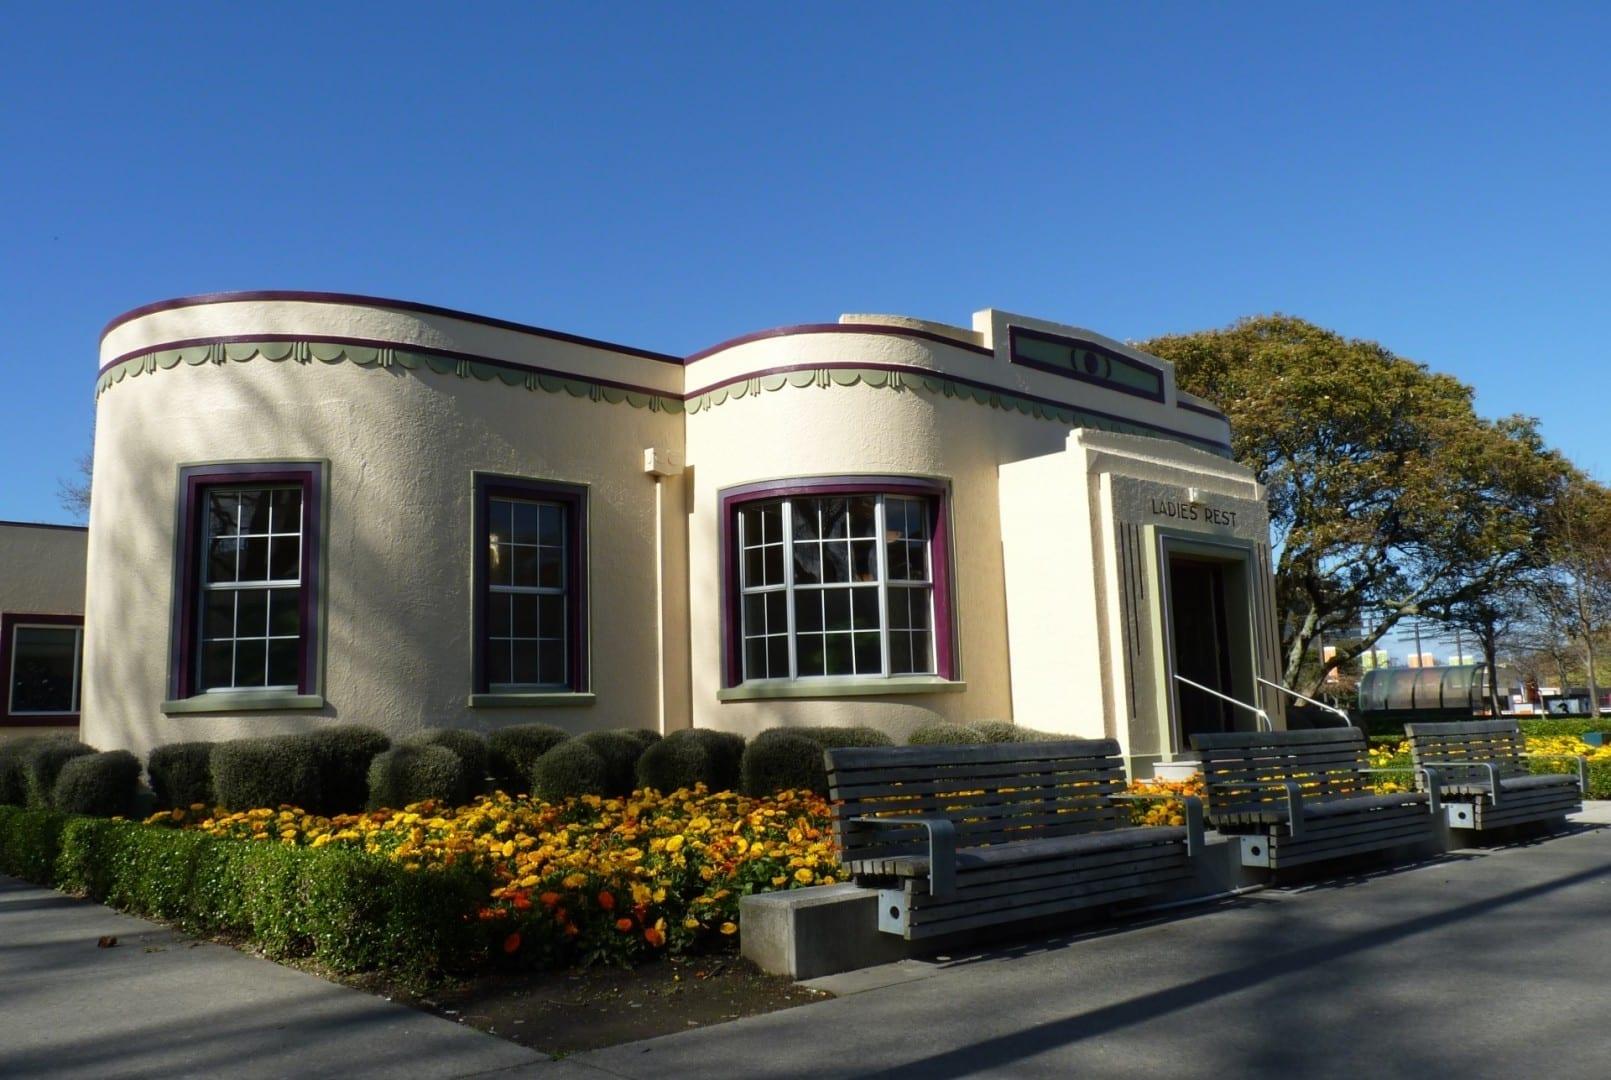 Centro de información Palmerston north Nueva Zelanda